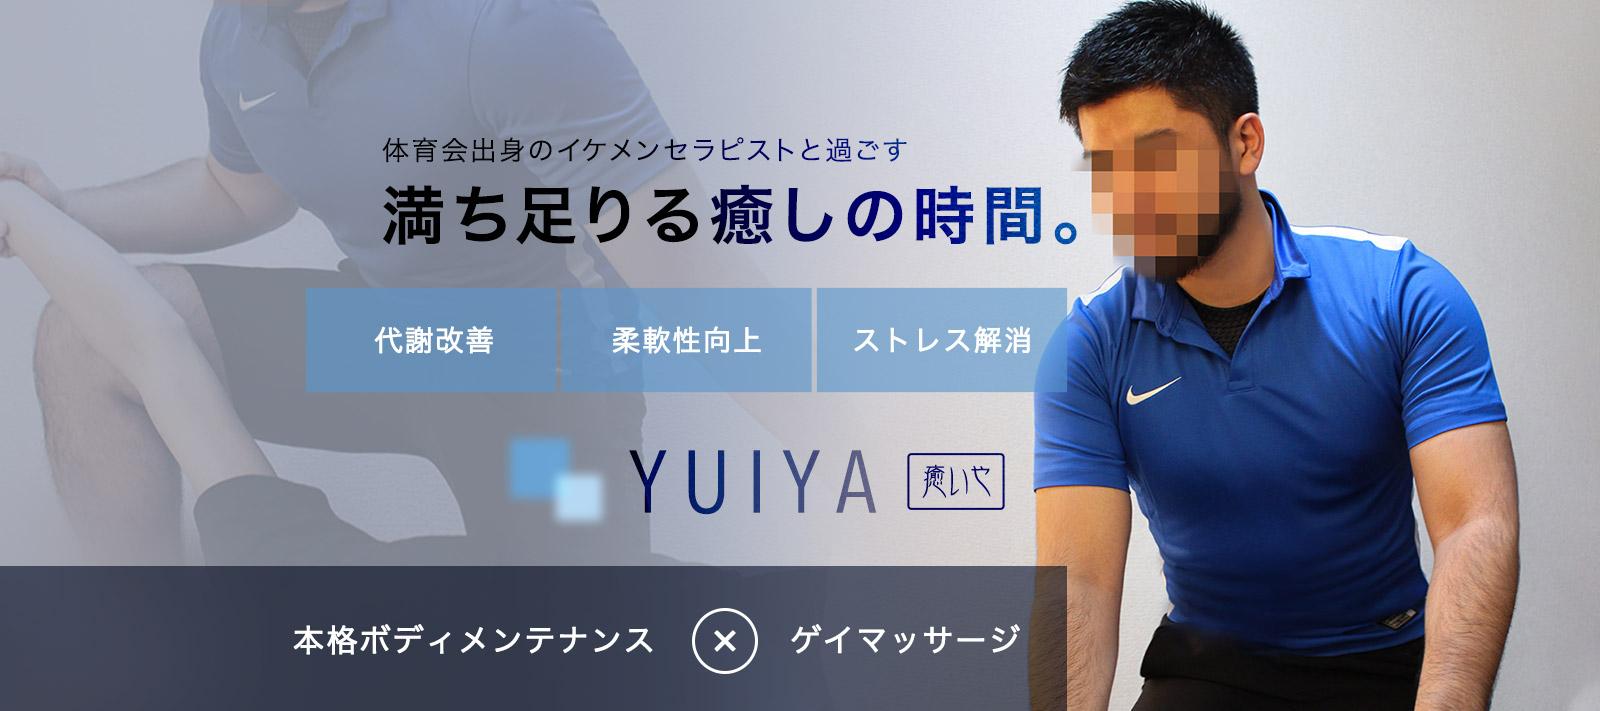 東京ゲイマッサージ専門店癒いやはこちら